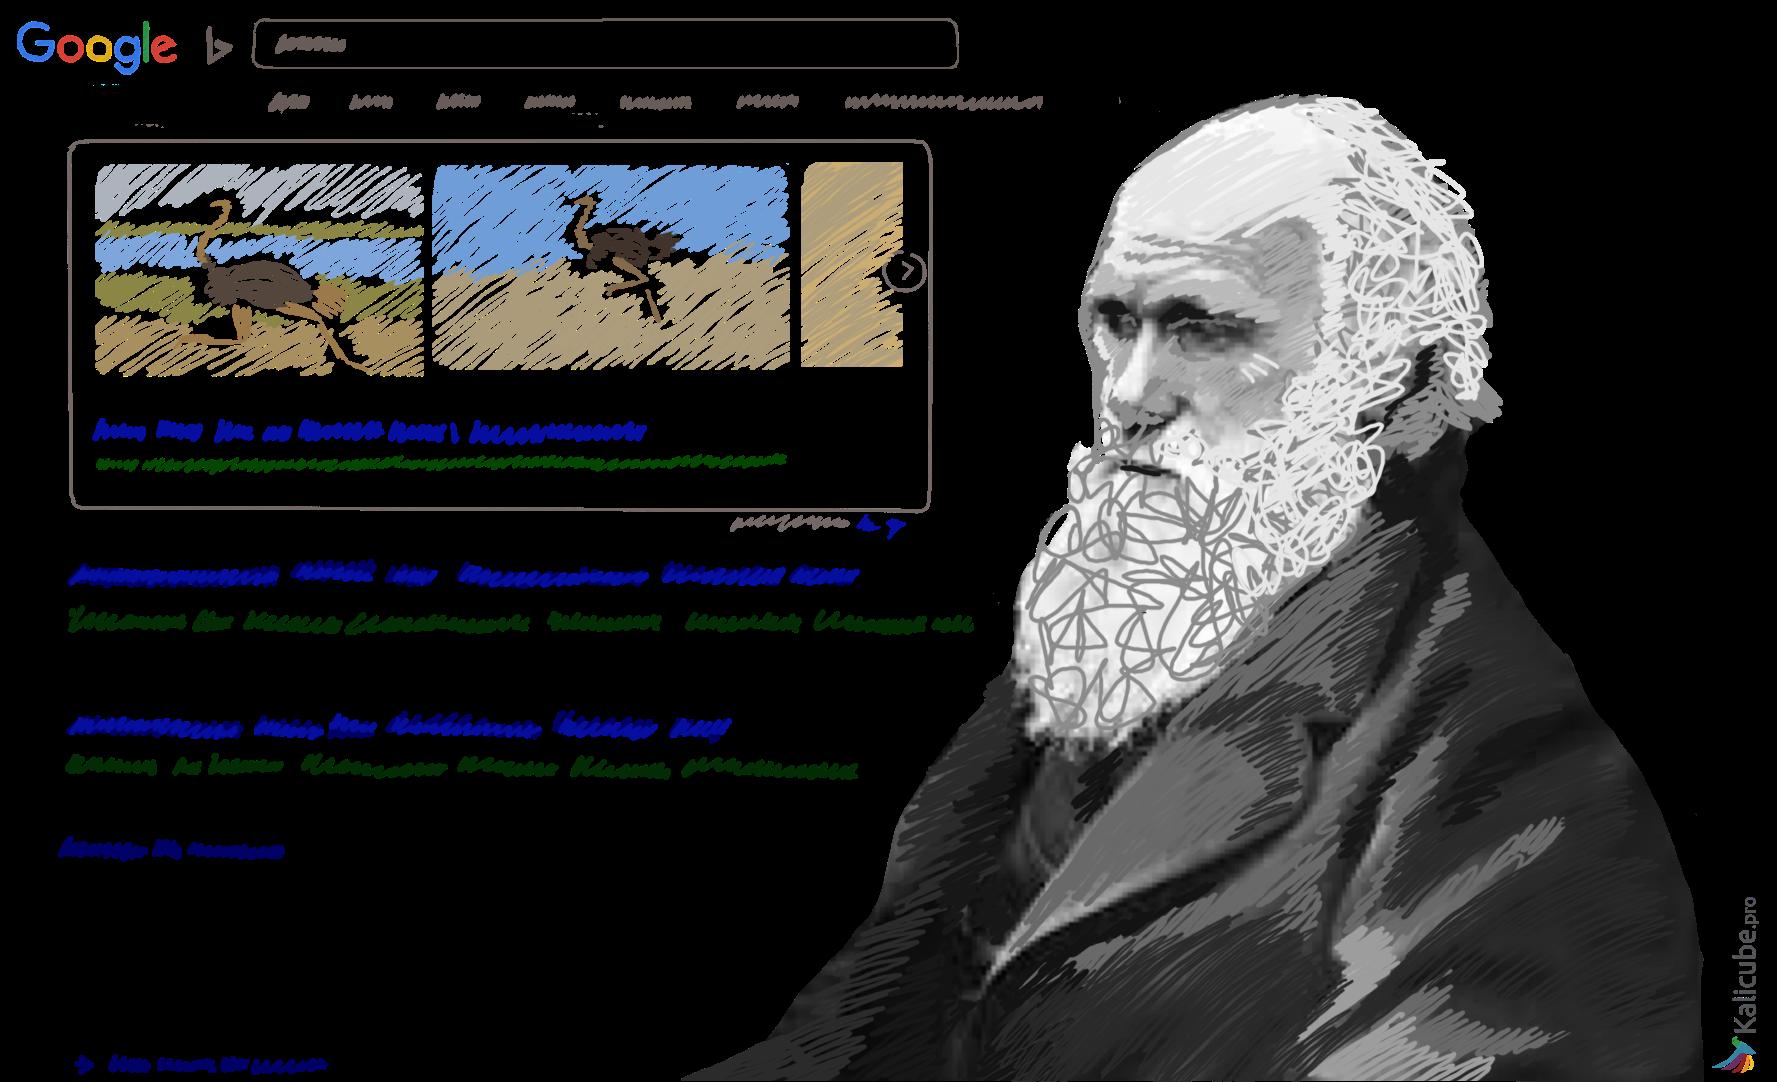 Charles Darwin looking at a SERP